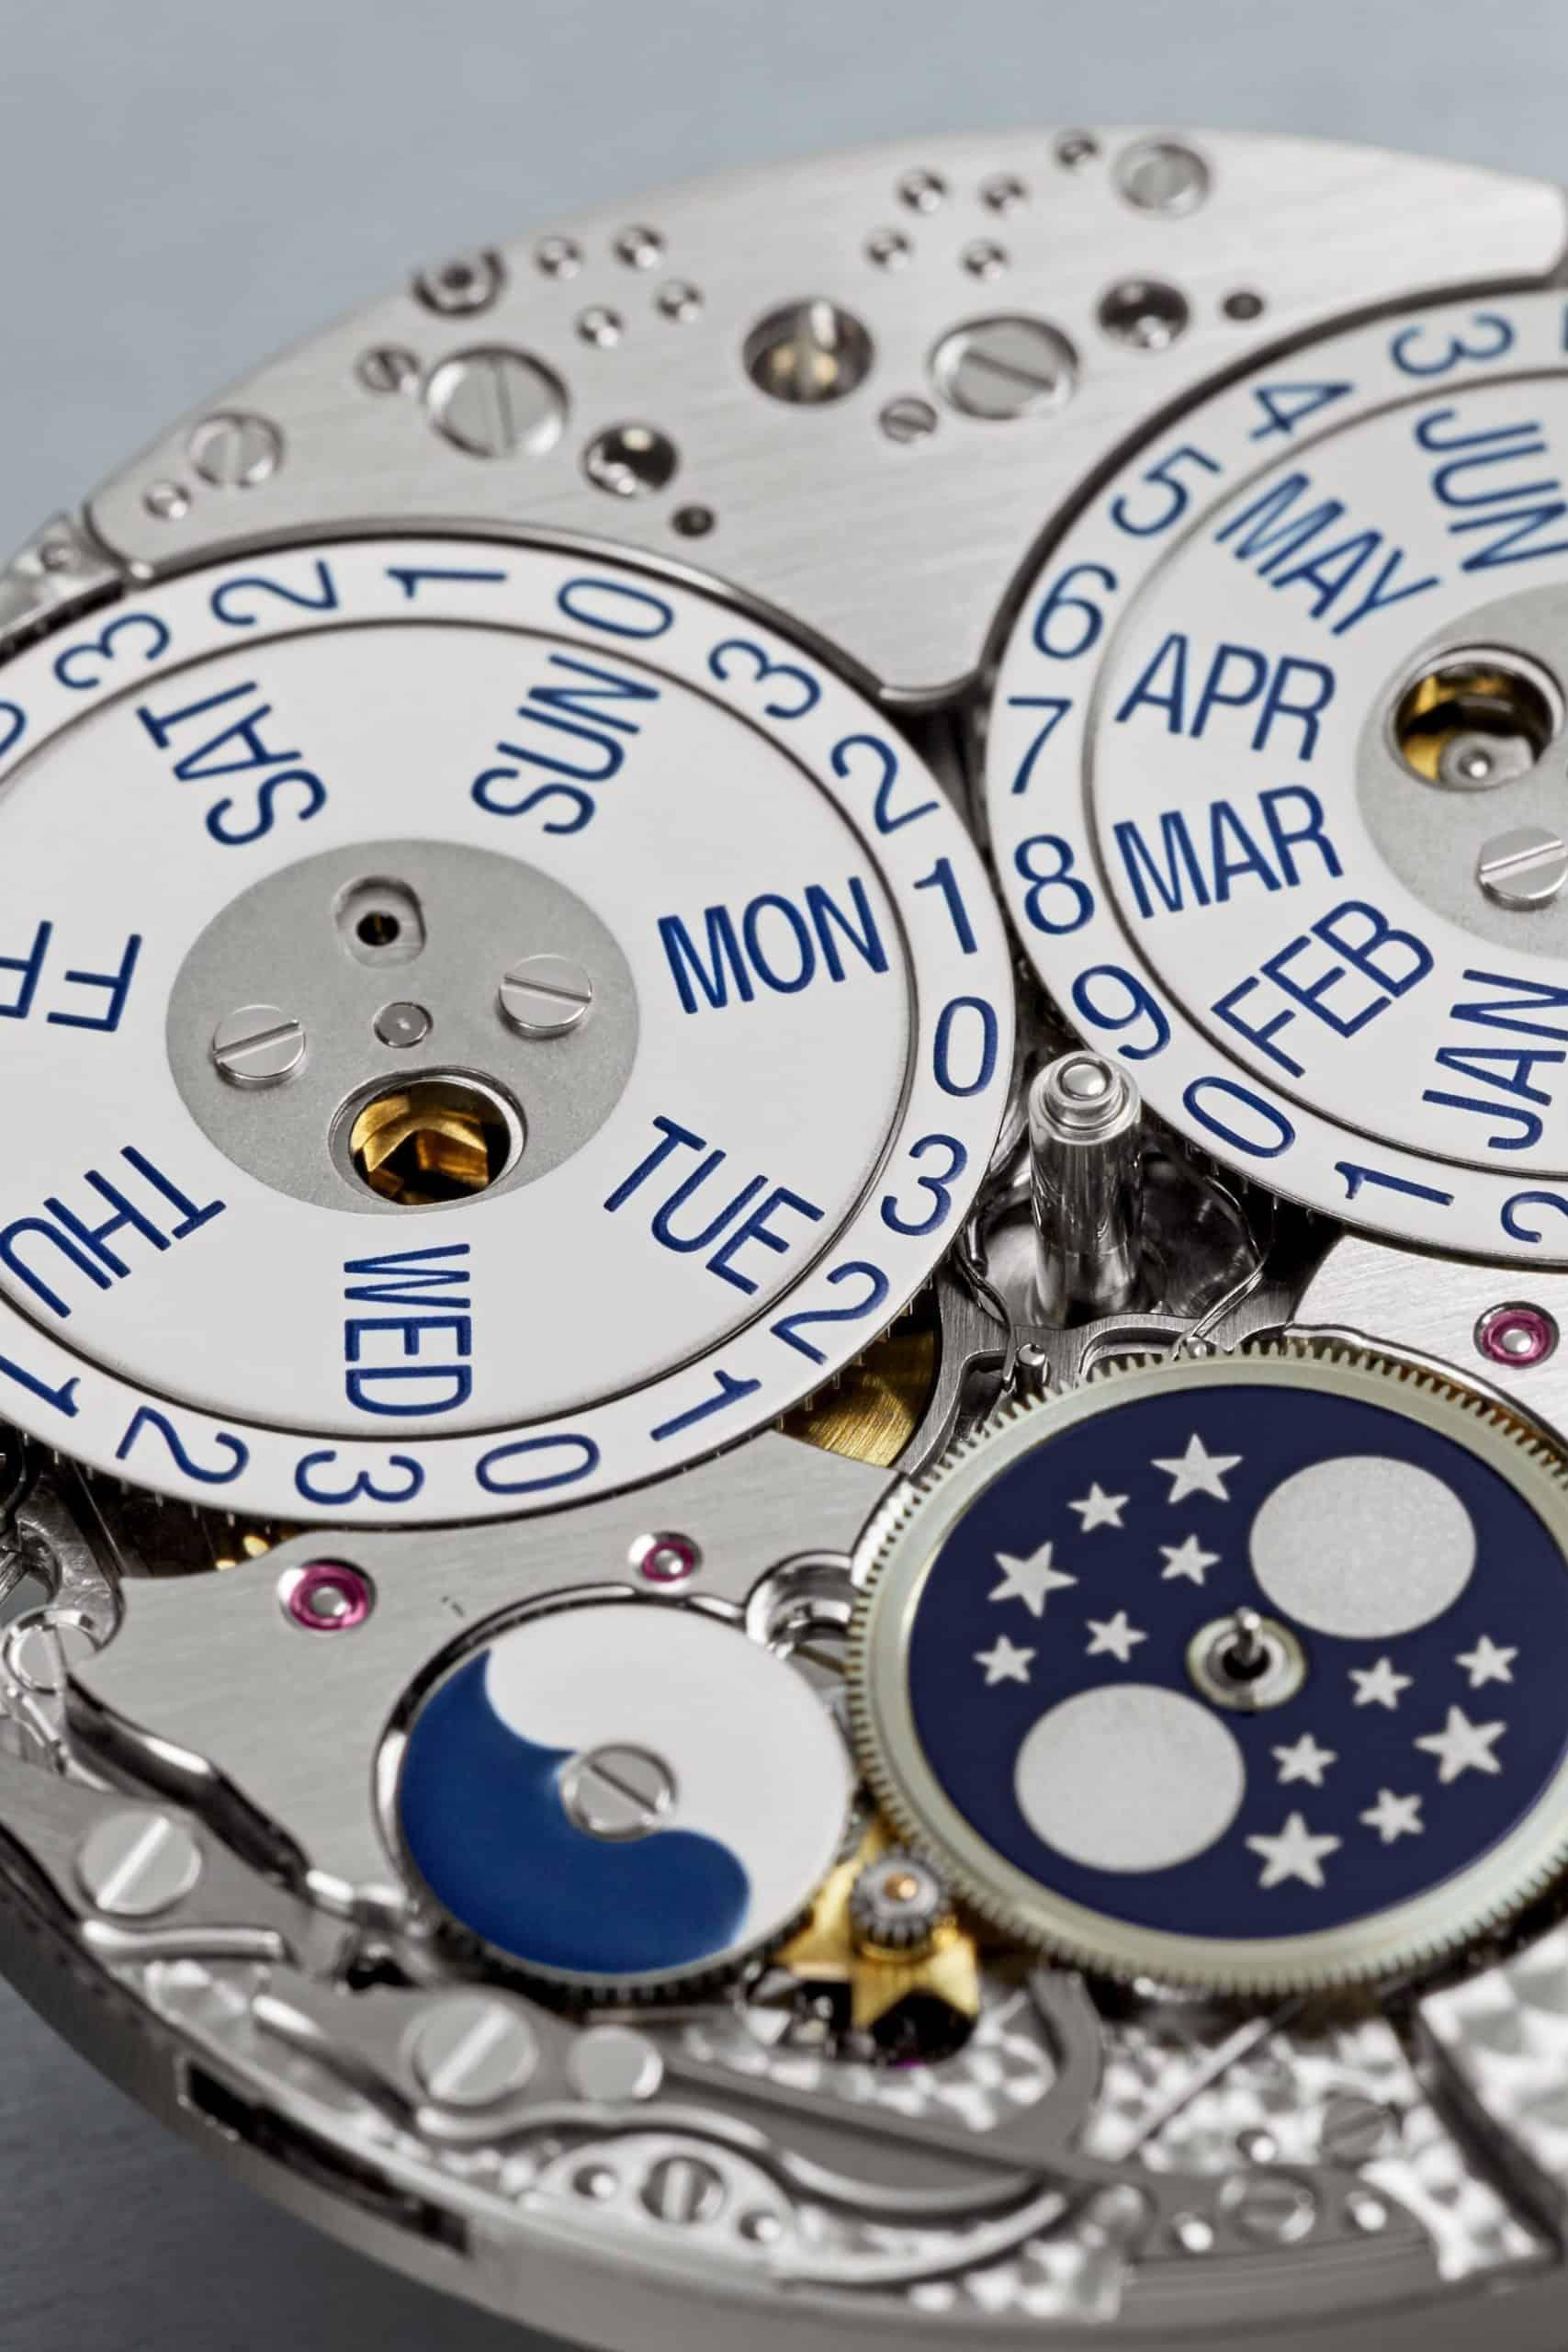 Mondphasen und Tag-Nachtanzeige des Patek Philippe Kalibers 31-260 PS QL